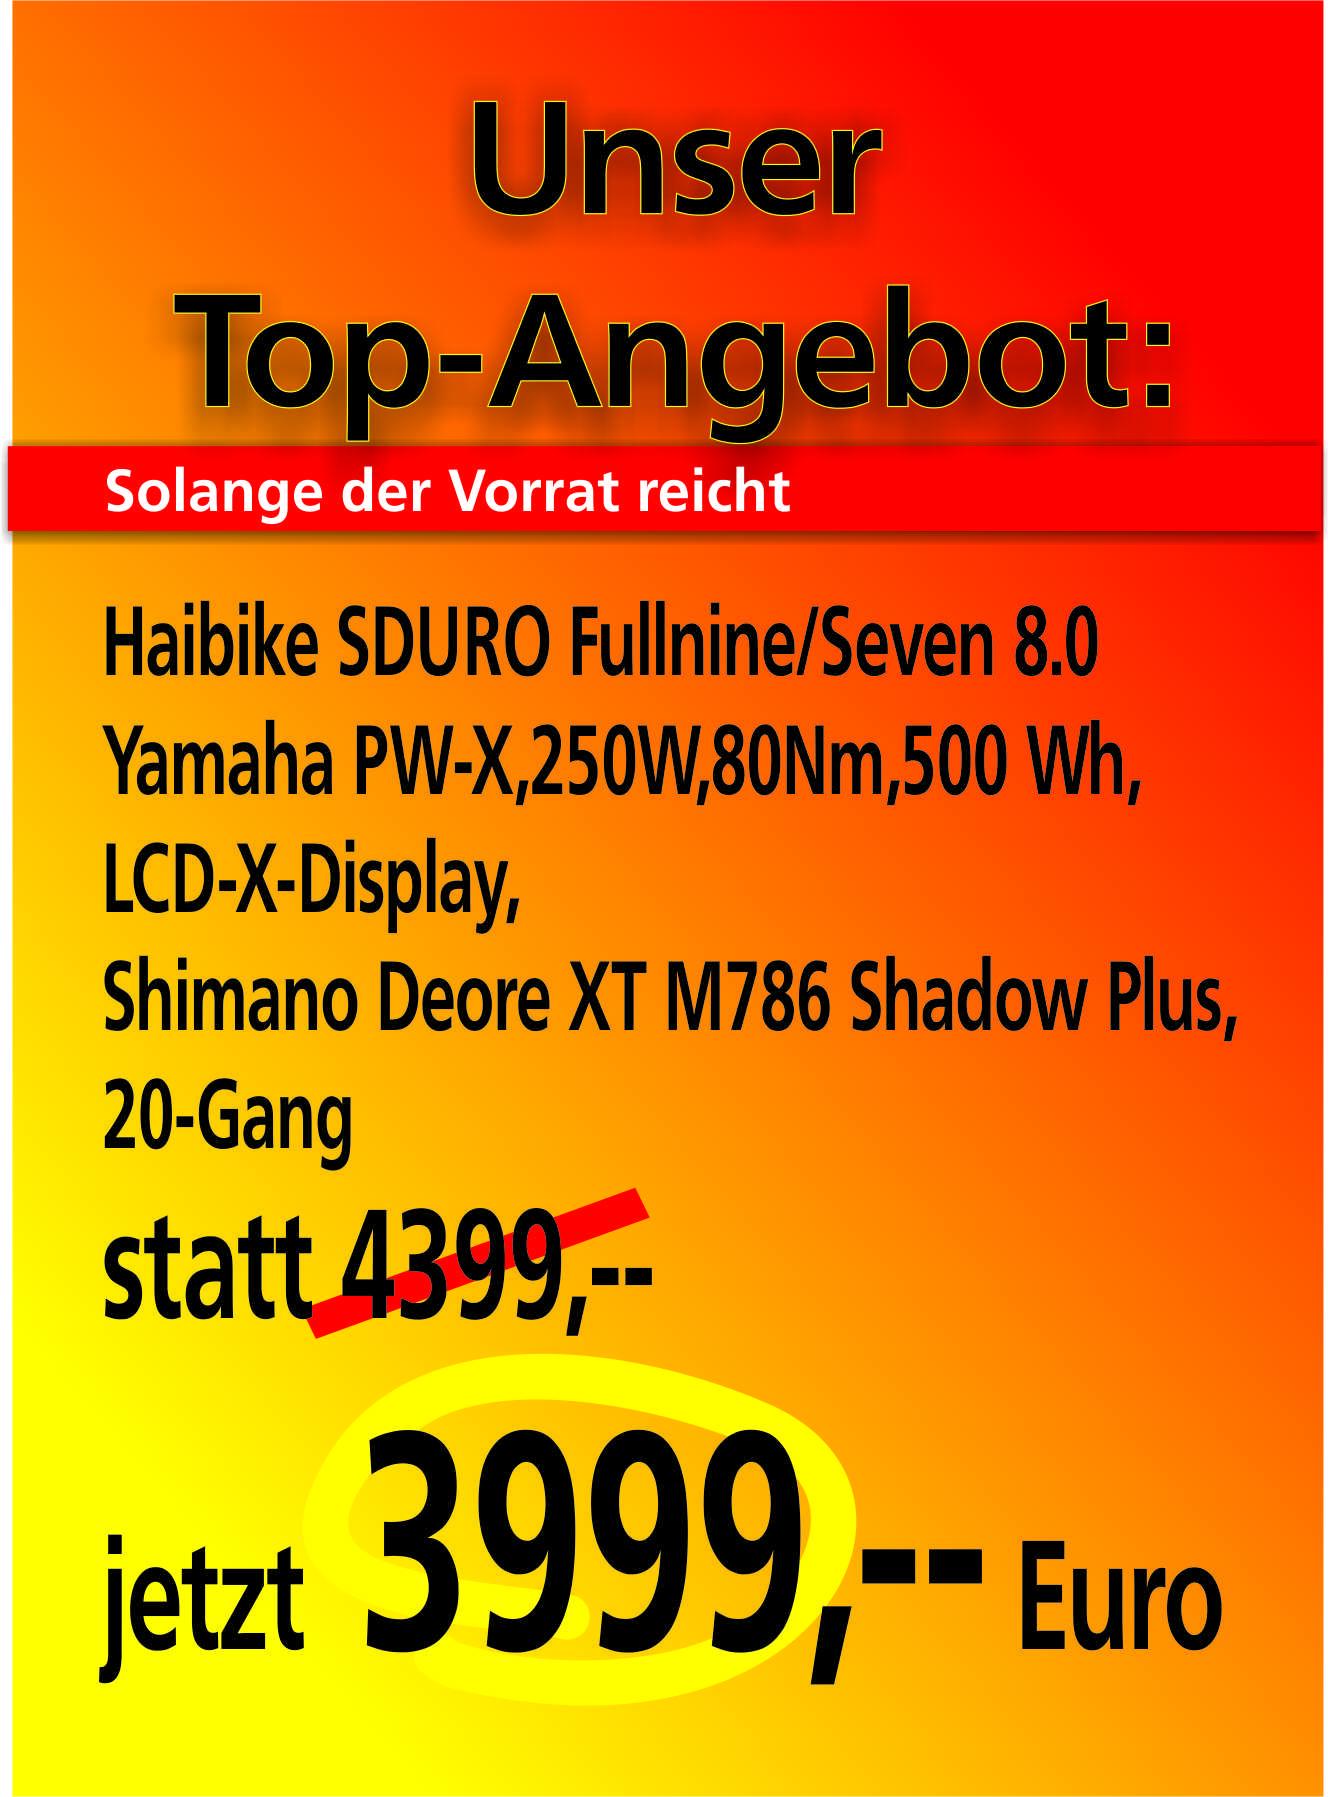 Top-Angebot_0818 Flyer